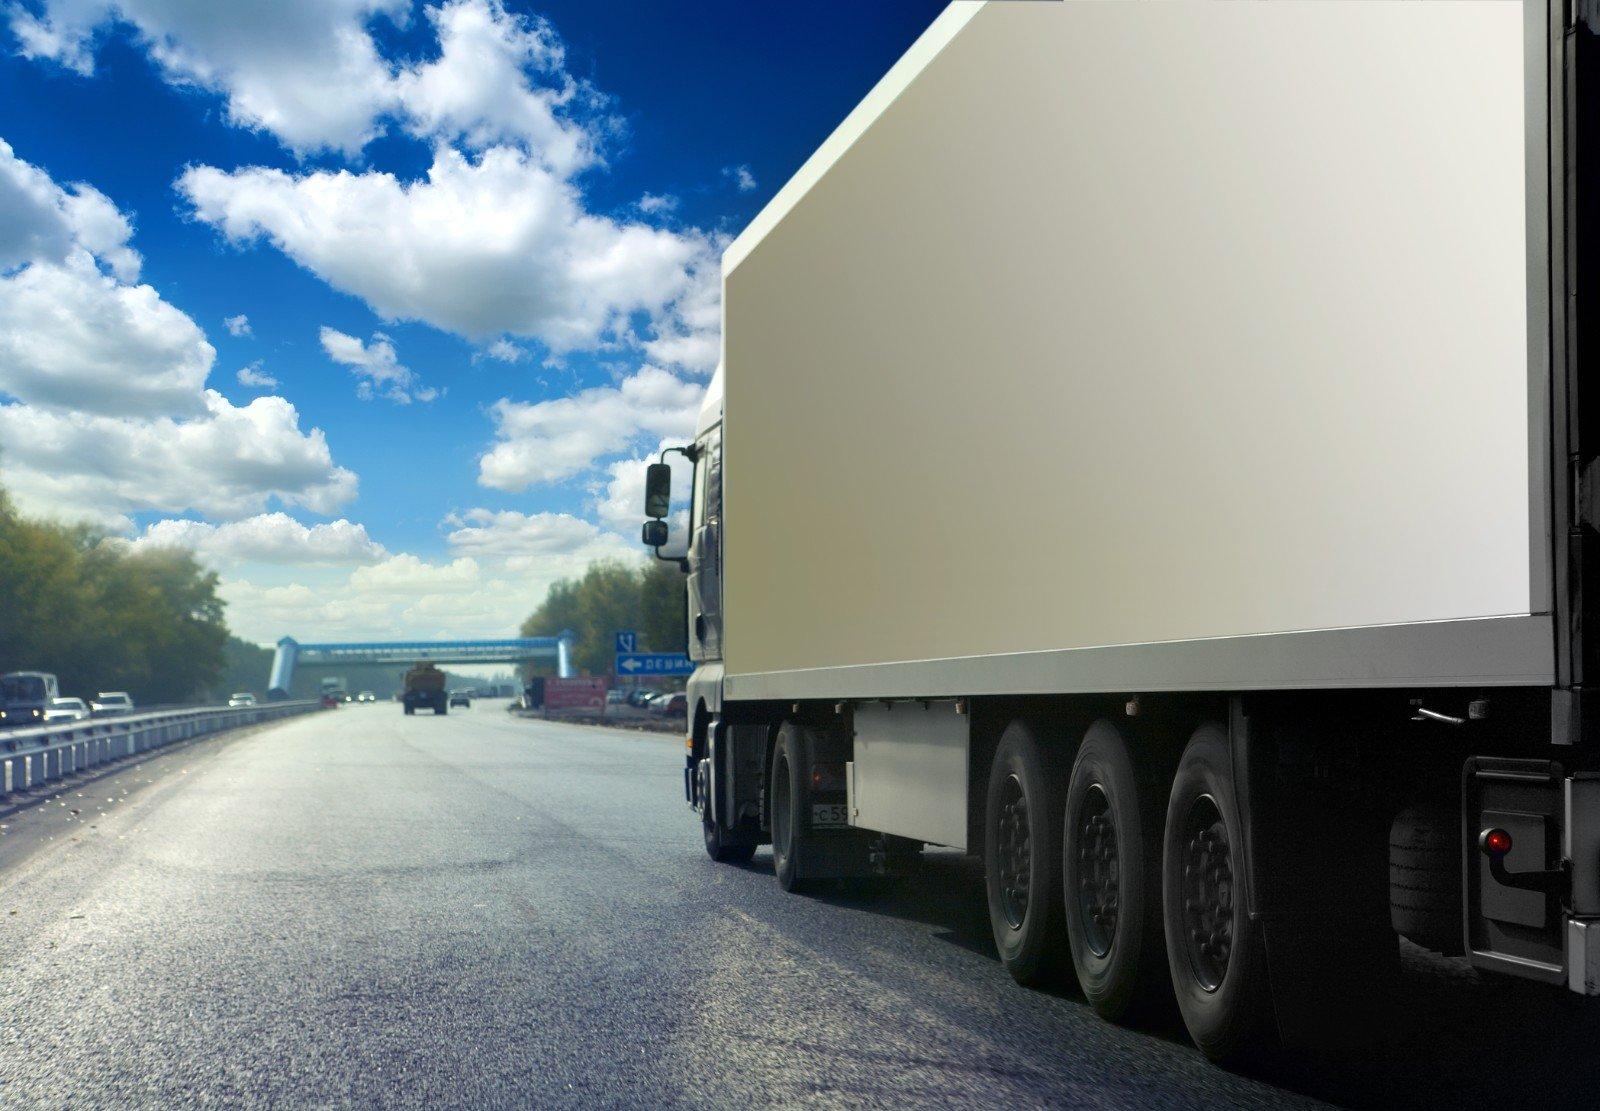 Vista del camion a la autostrada